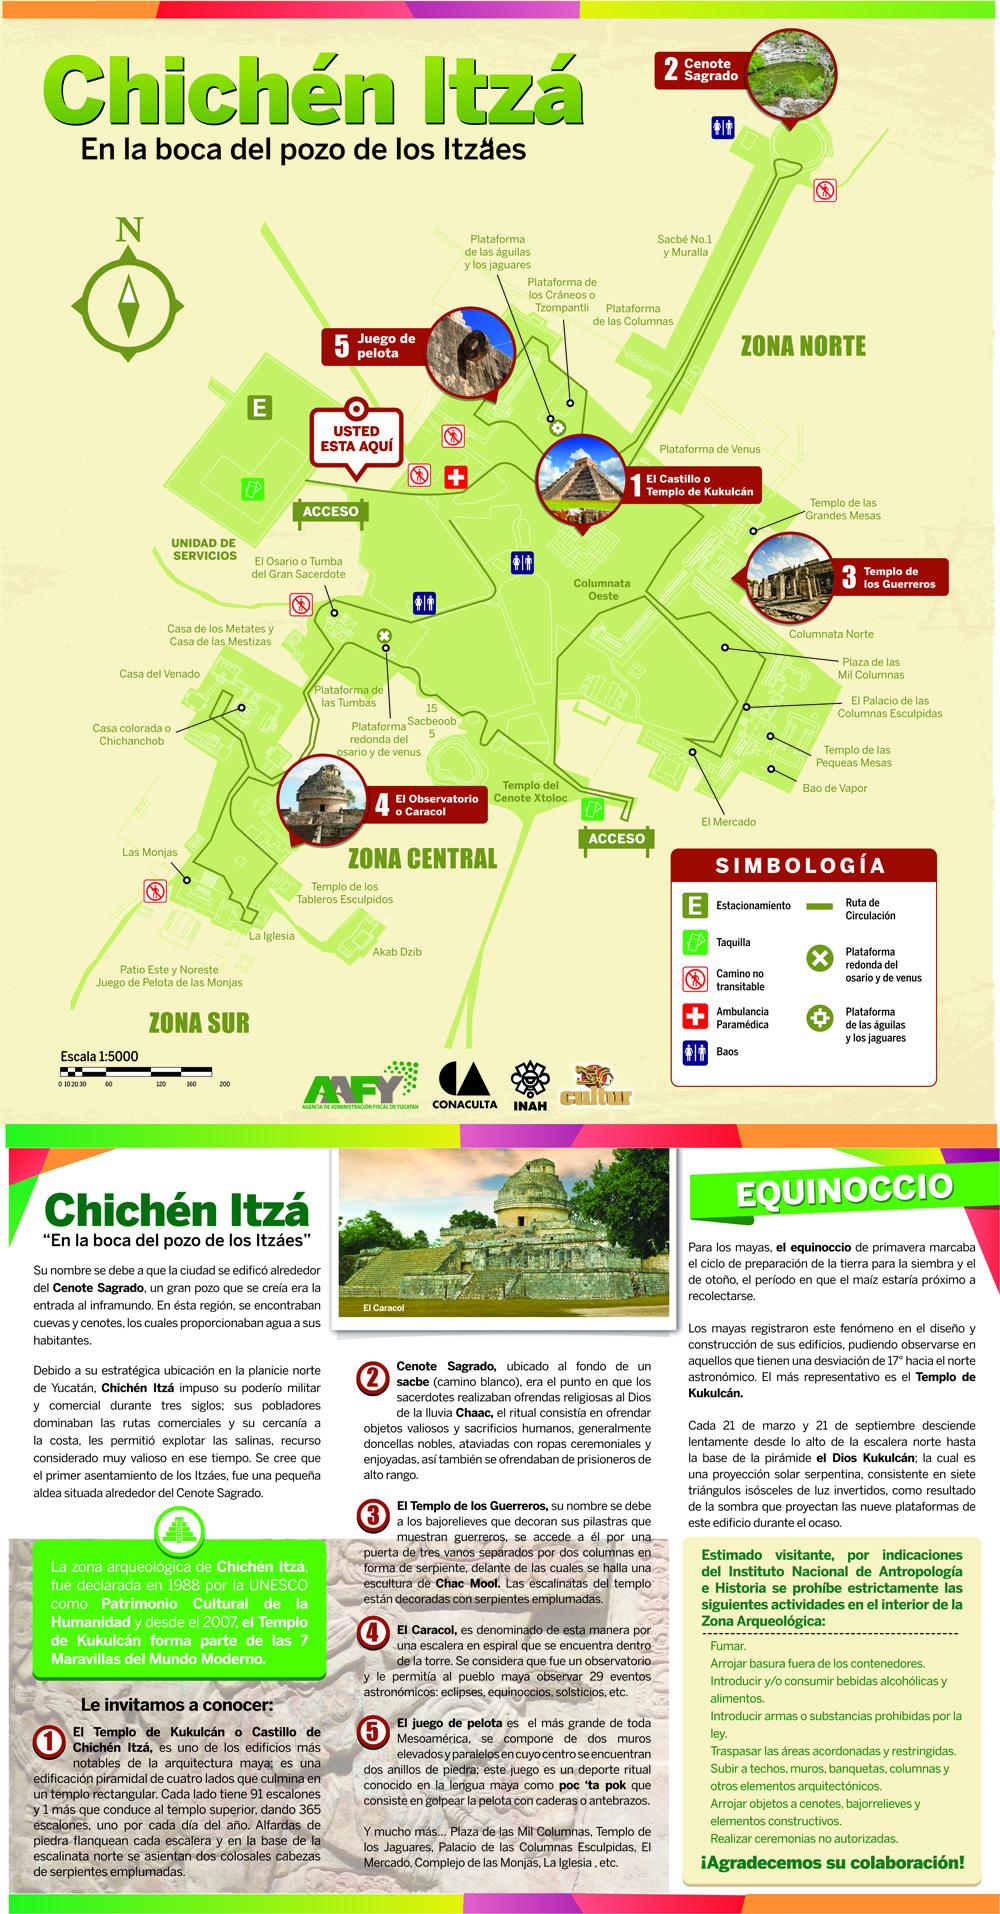 Mapa de los edificios y templos del interior de Chichen Itzá